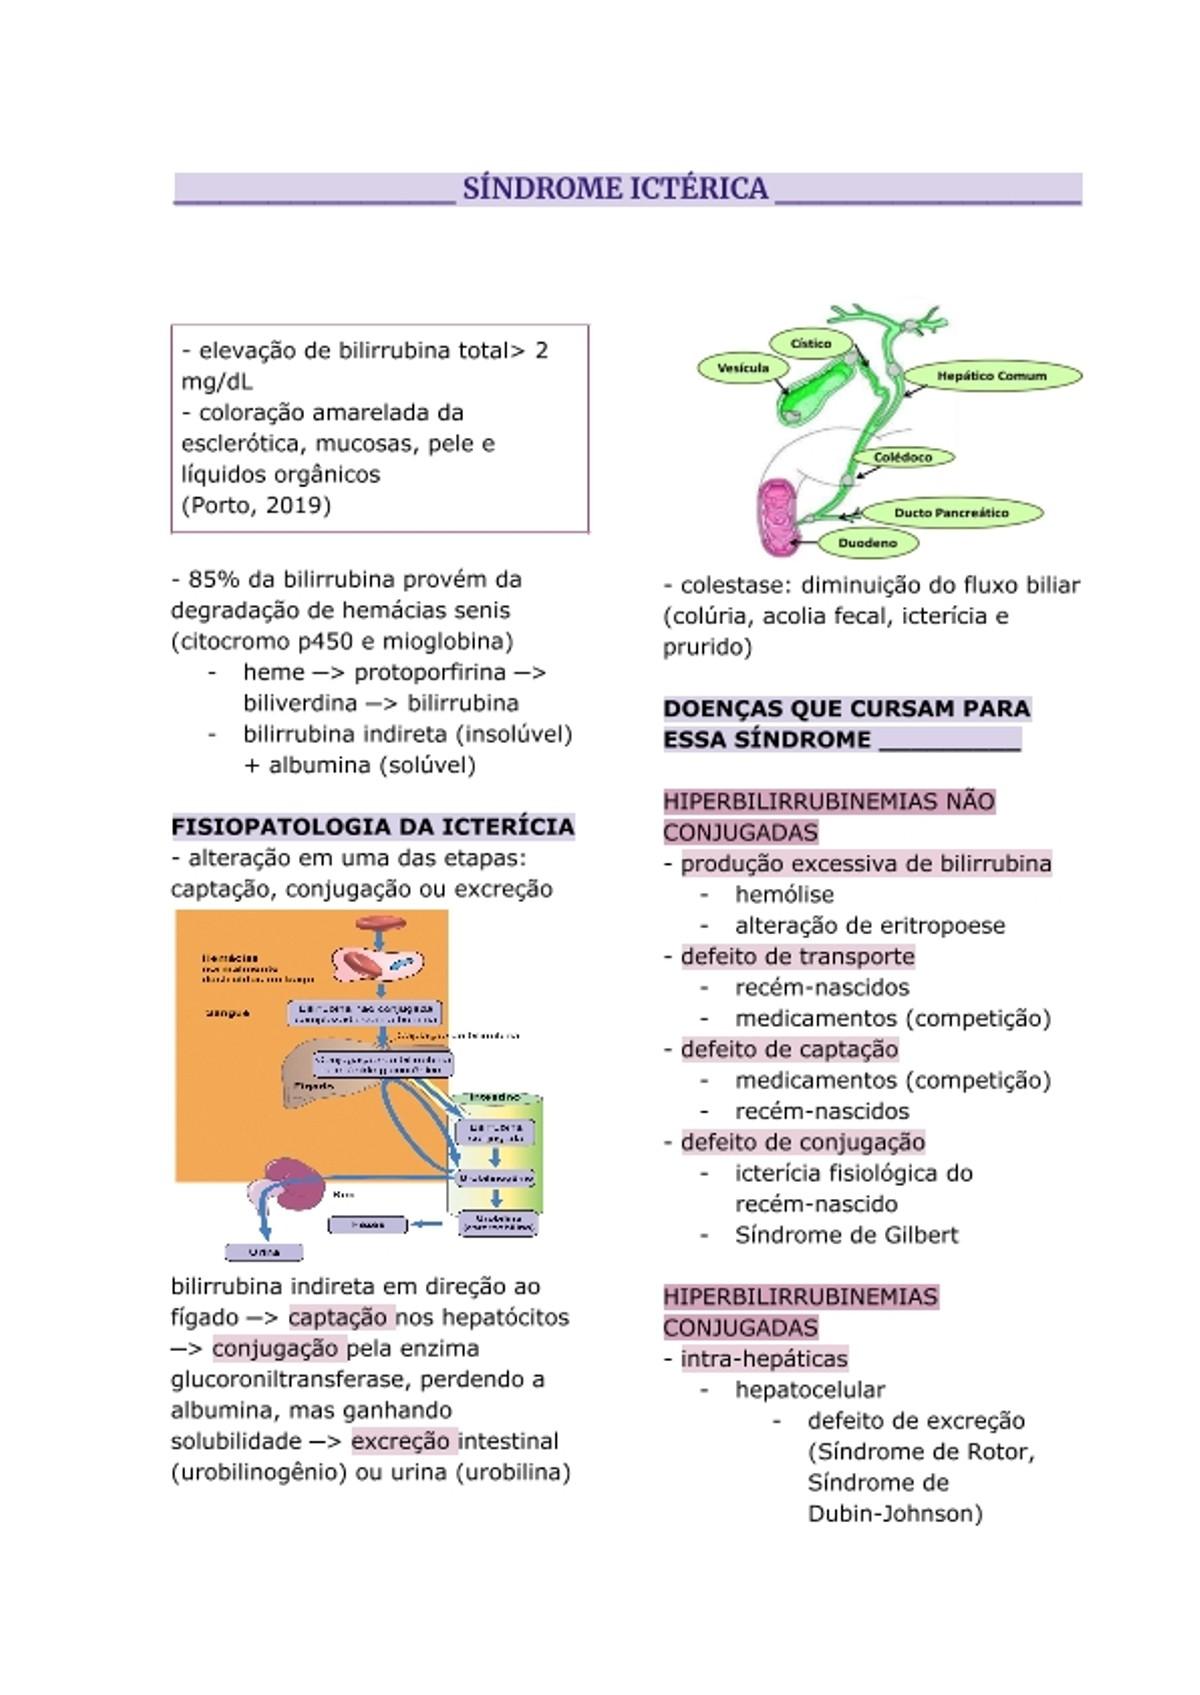 Pre-visualização do material SÍNDROME ICTÉRICA - página 1